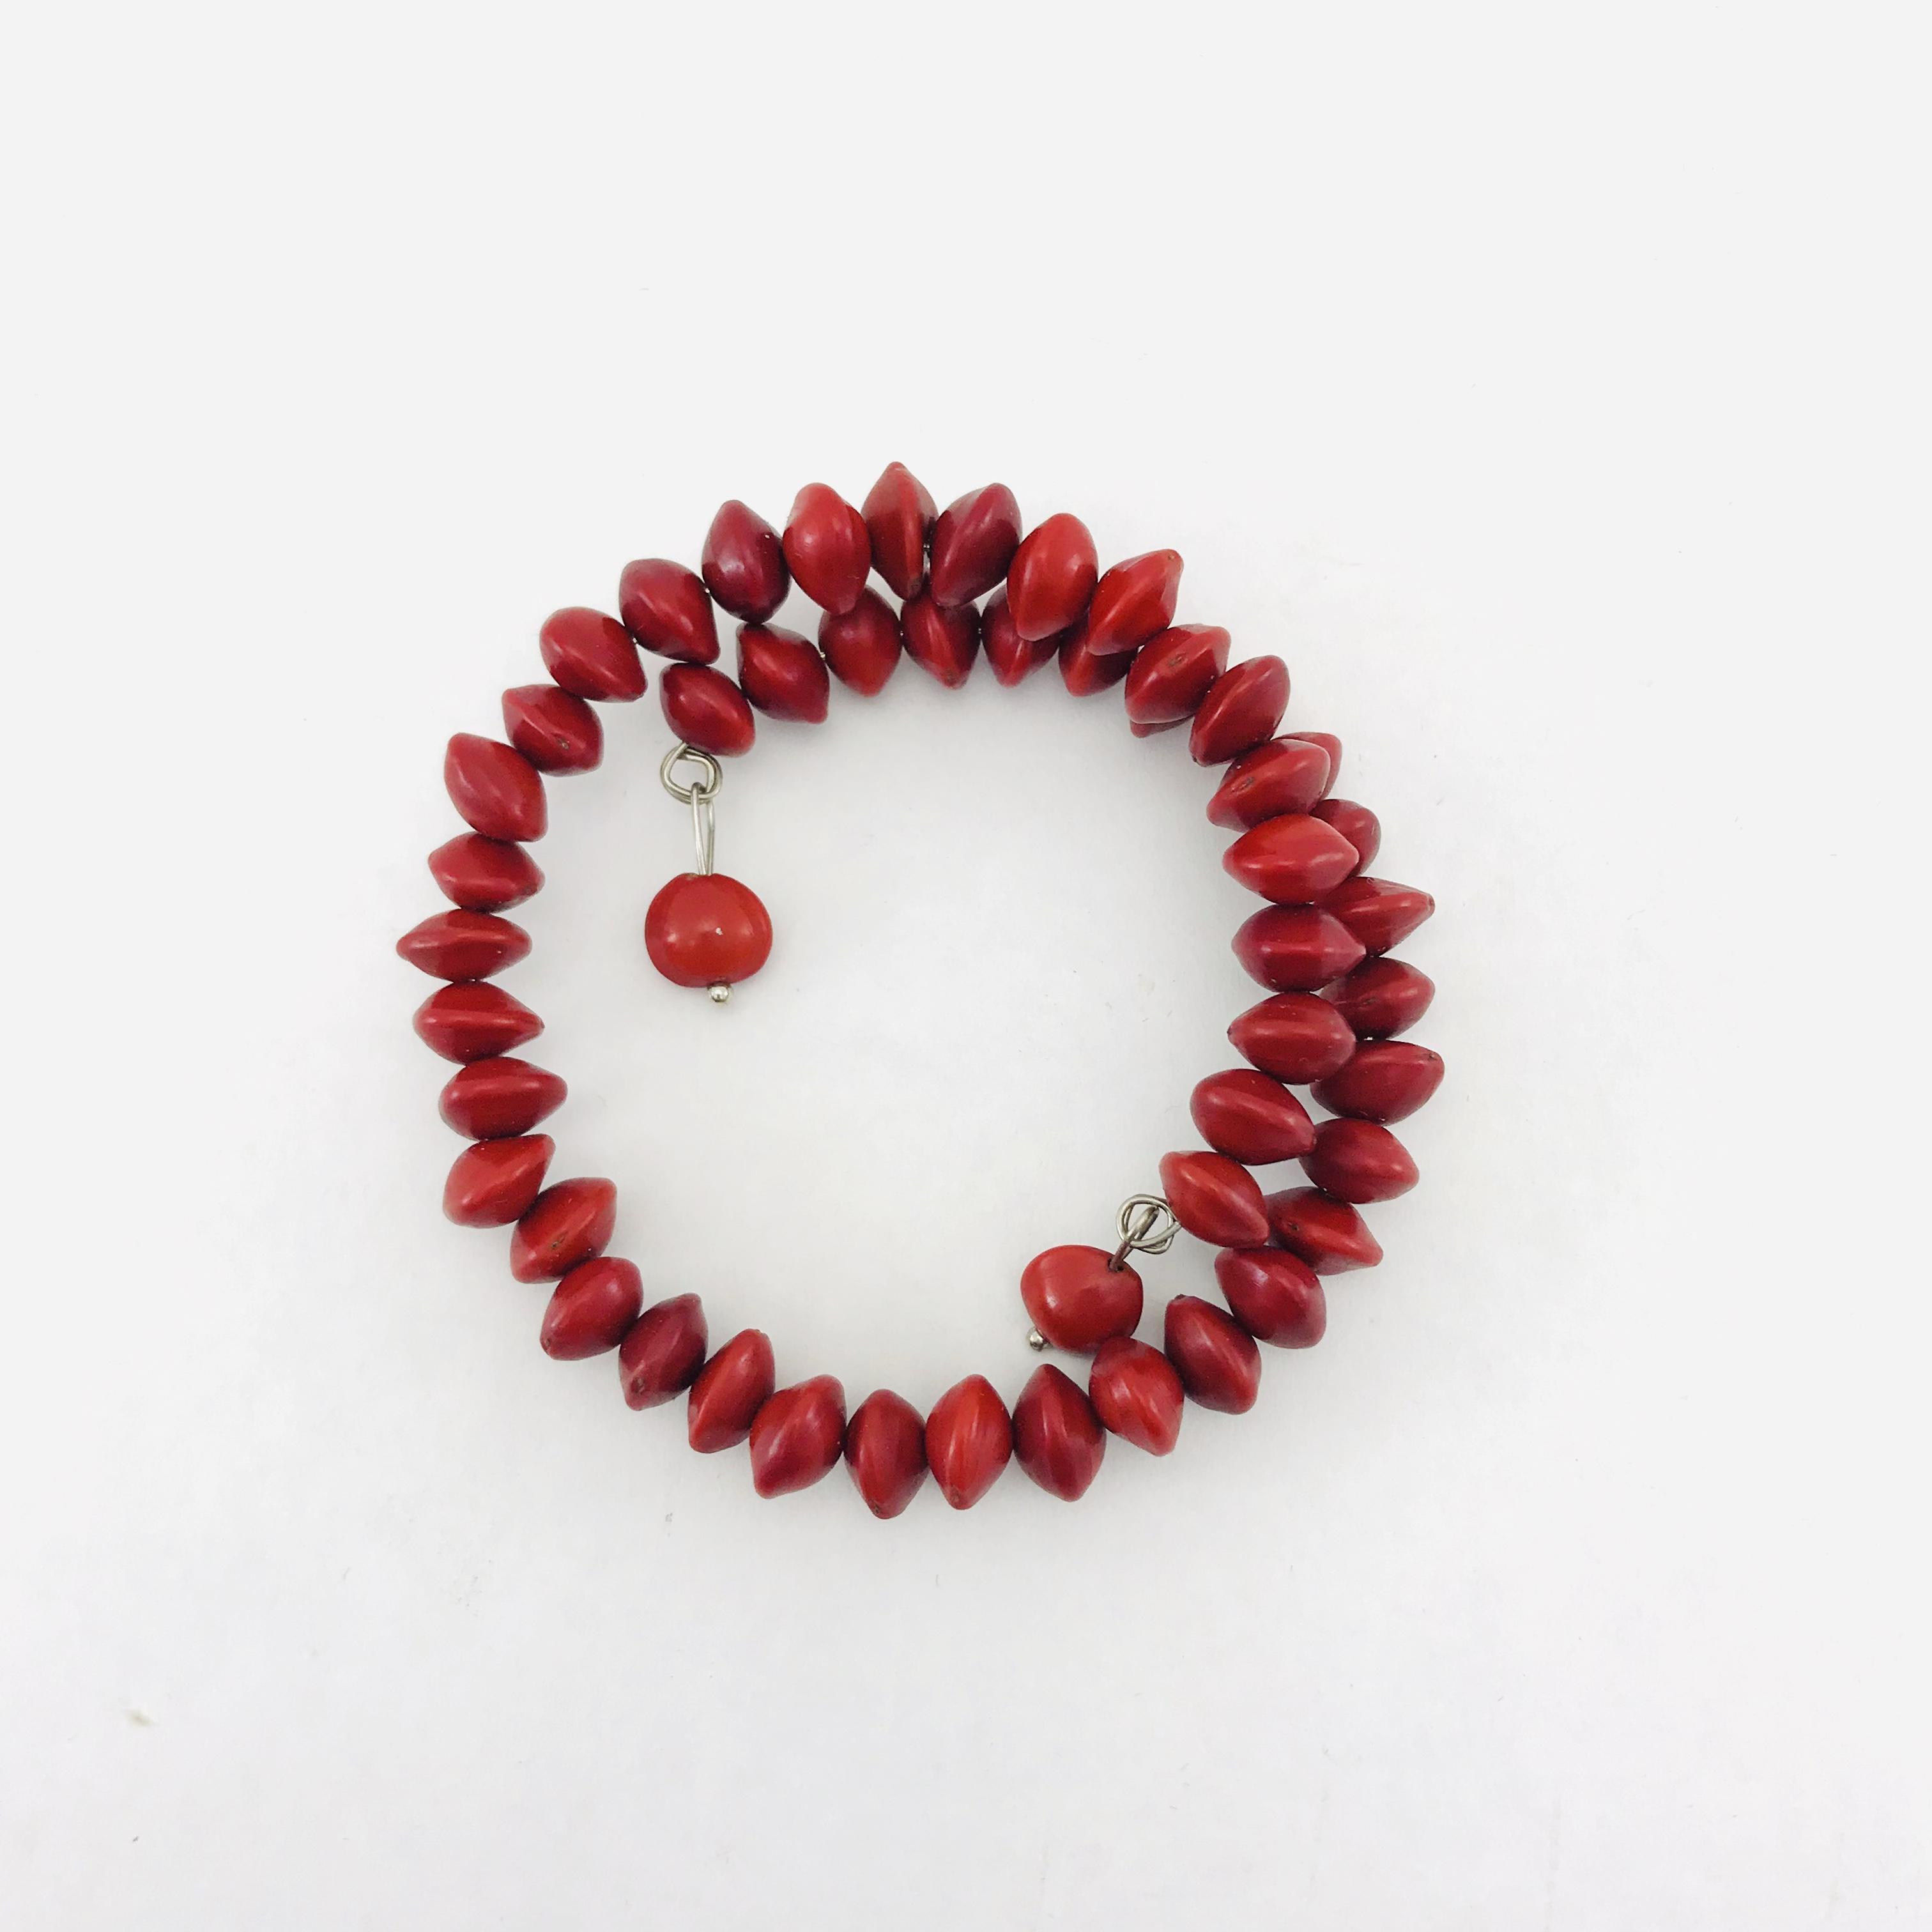 Iron Bracelet 1 Turn - Natural Seeds Bracelet - Red